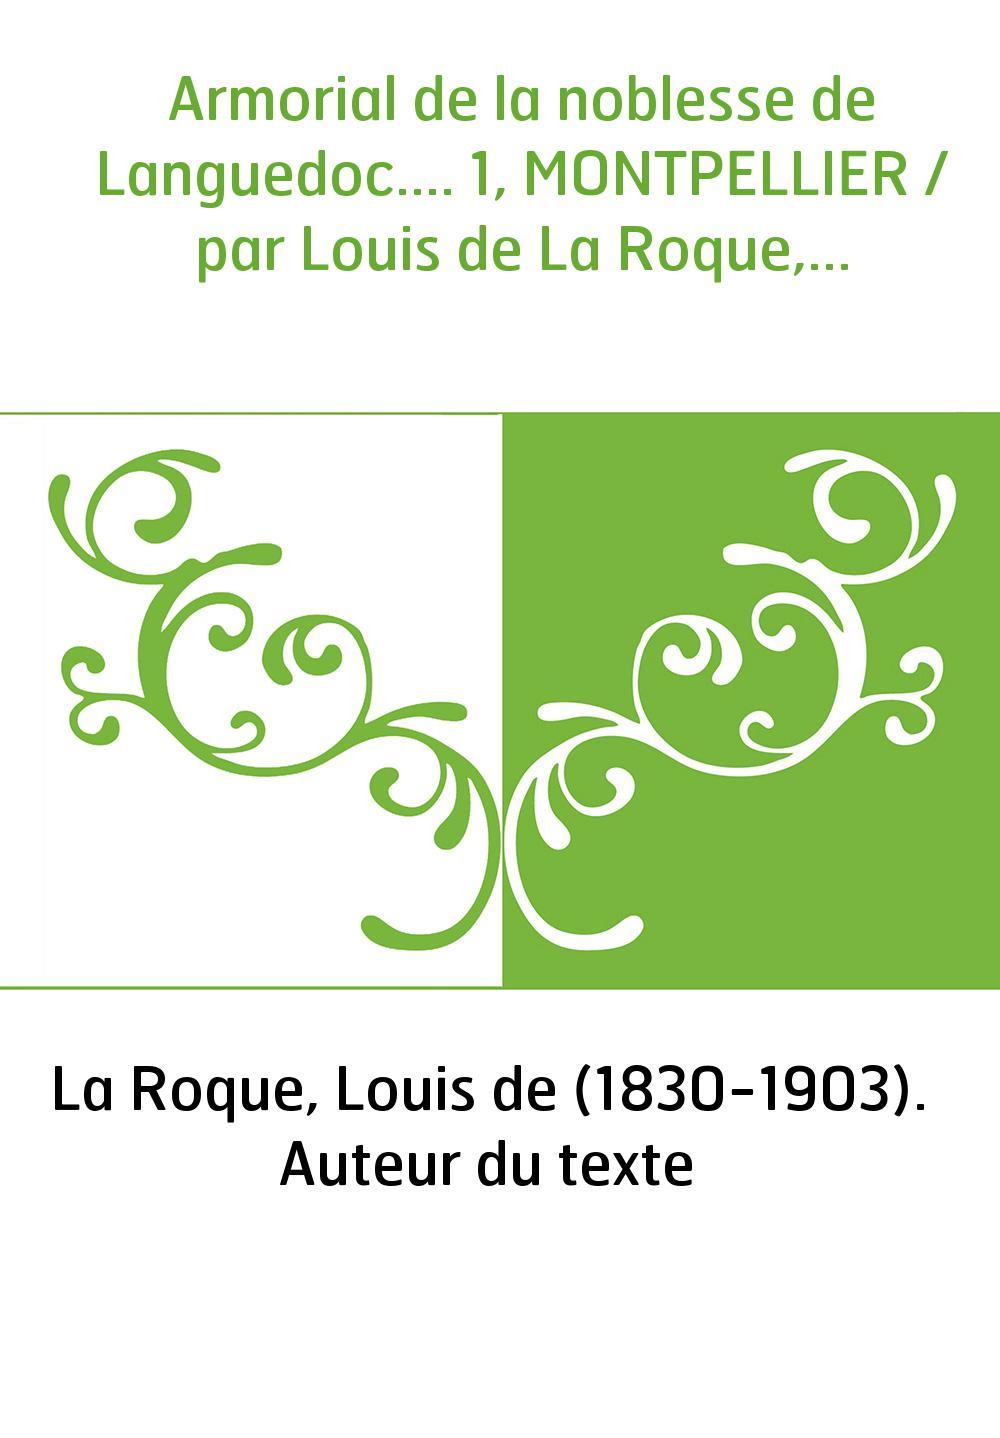 Armorial de la noblesse de Languedoc.... 1, MONTPELLIER / par Louis de La Roque,...